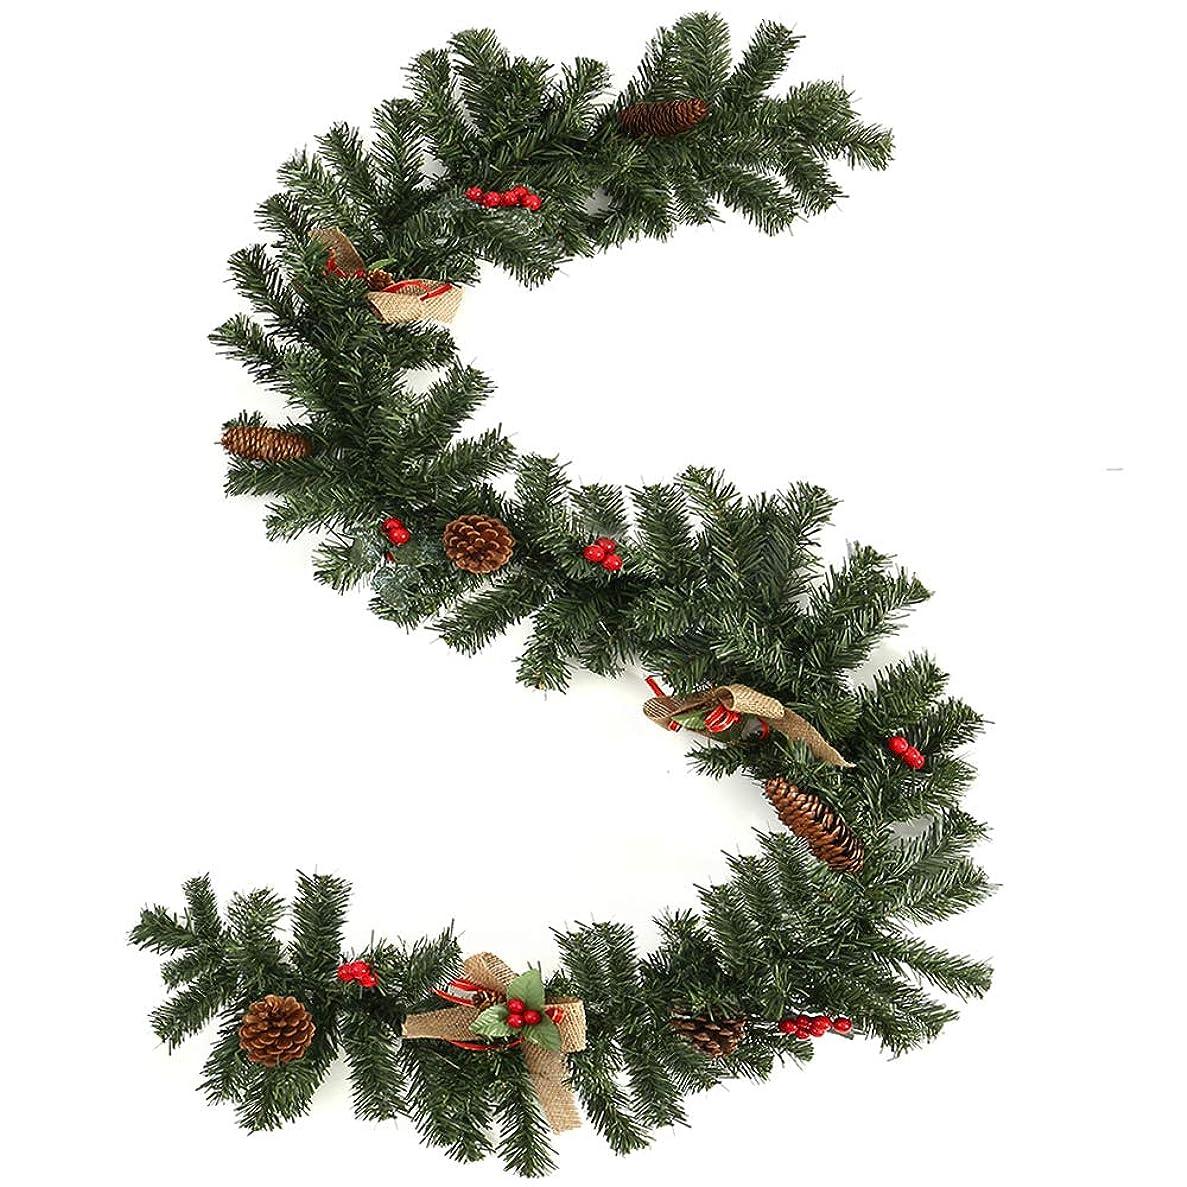 膨らませるマカダム収束Wellbeingjp_JPクリスマス ガーランド クリスマスリース クリスマス飾り 1.8m クリスマスツリー 飾り パーティー装飾藤 クリスマス オーナメント クリスマスツリー装飾  松の葉モール 部屋 玄関 飾り 装飾品 華やか デコレーション オーナメント クリスマス用品